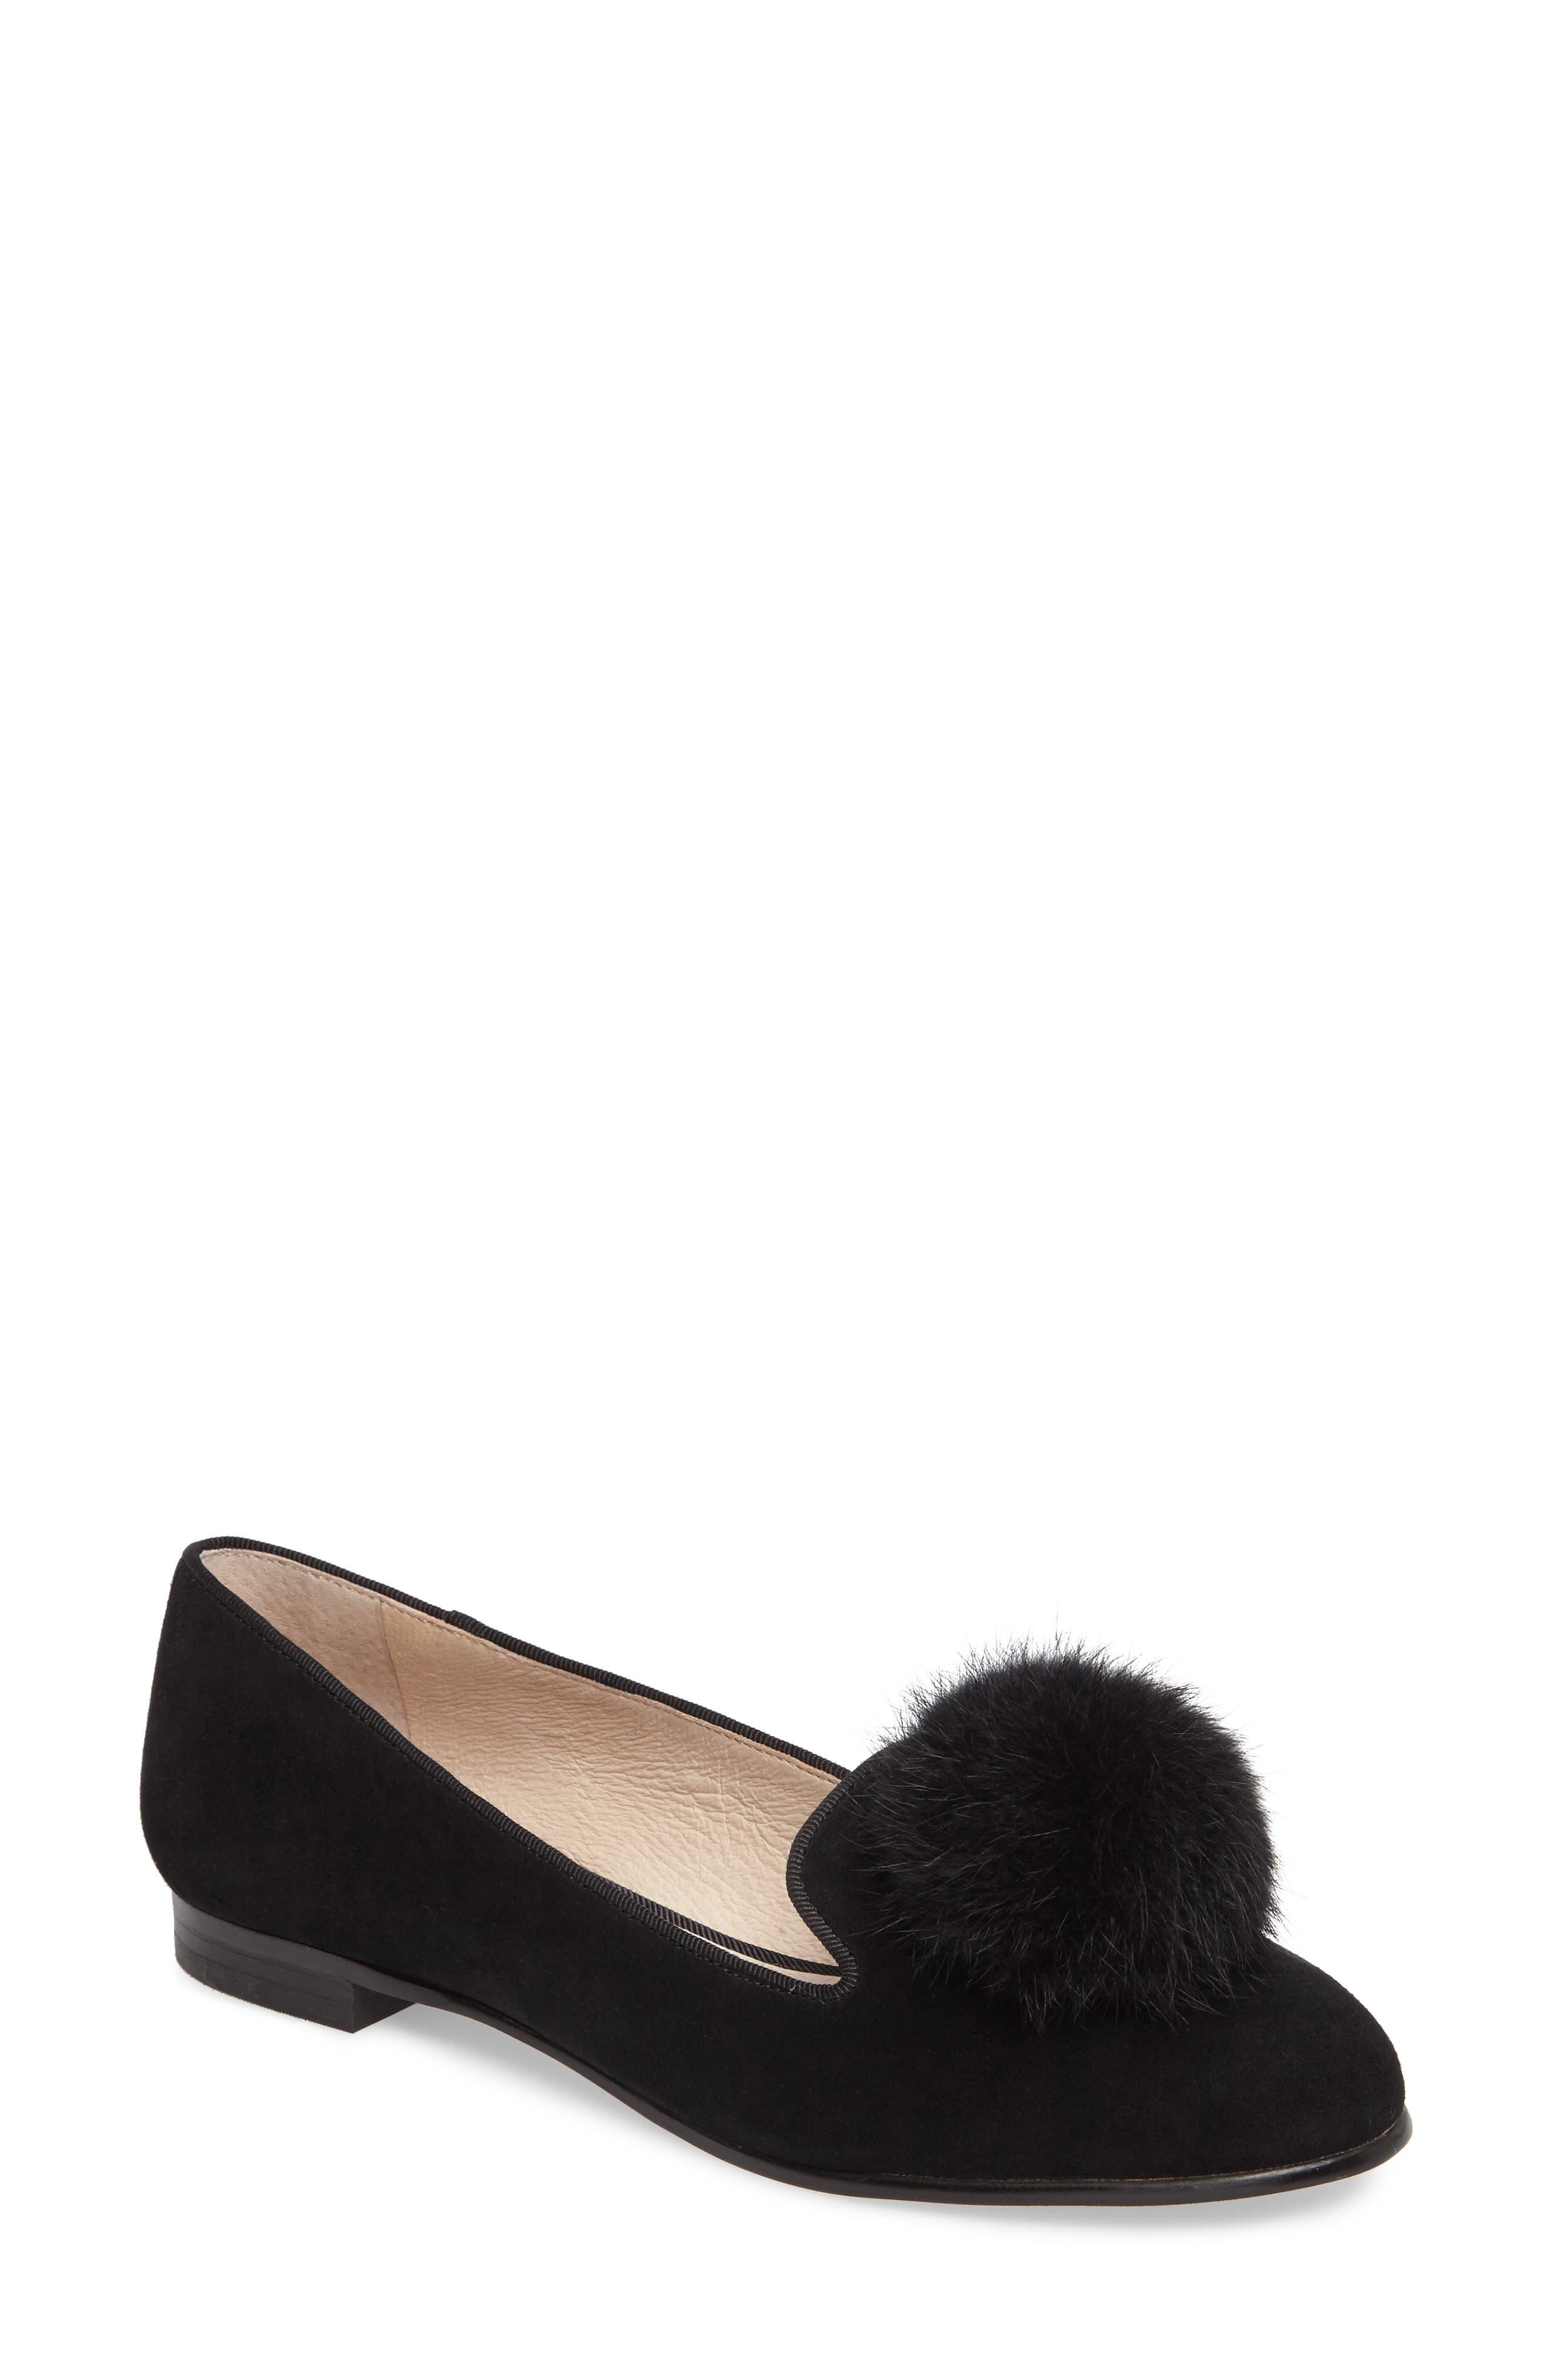 Andres Genuine Rabbit Fur Pom Loafer,                         Main,                         color, BLACK SUEDE